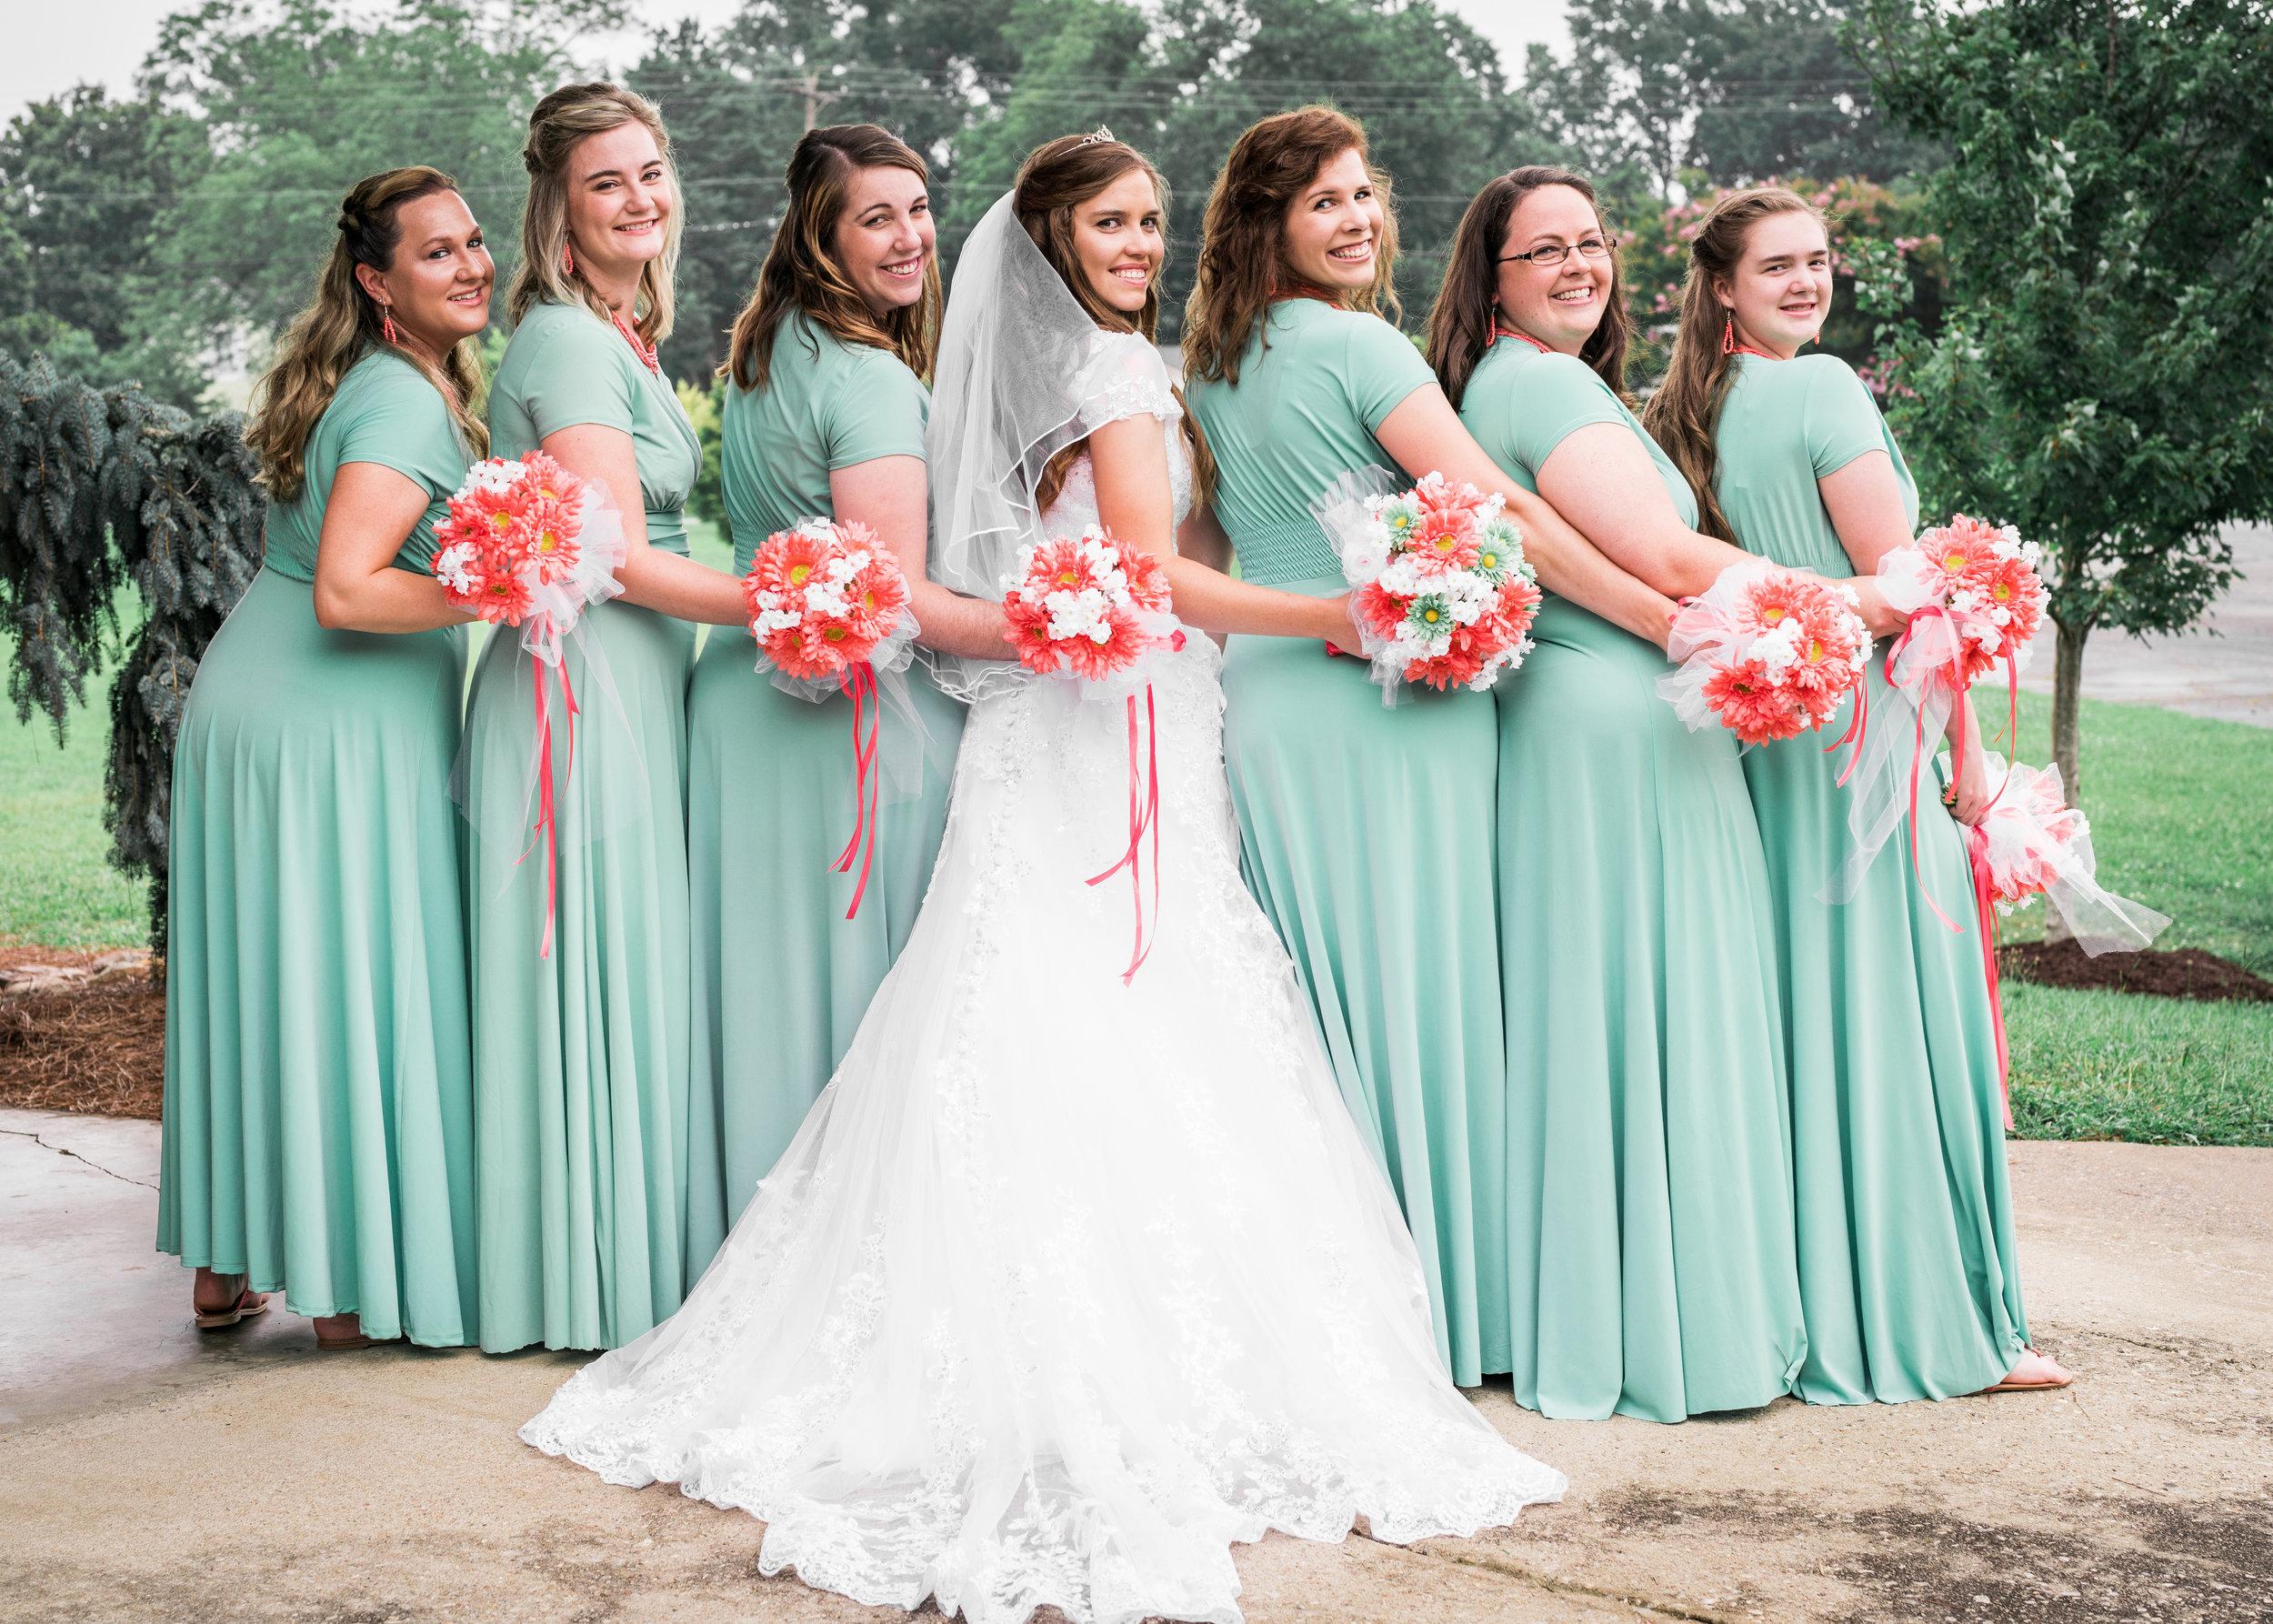 jessica-stephen-bishop-wedding-148.jpg